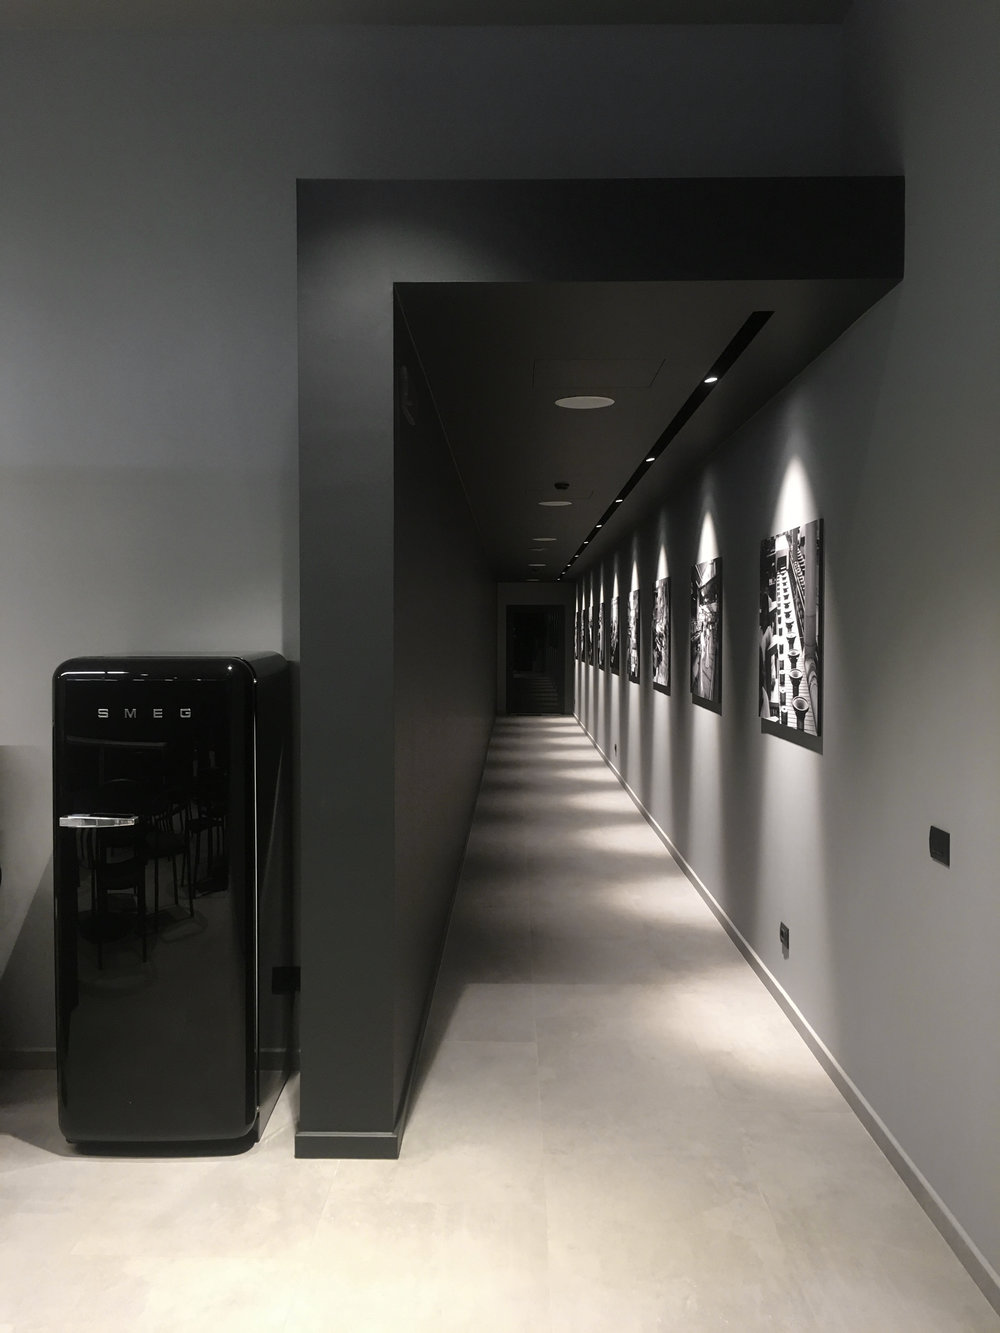 RCF Demo Academy Progettazione illuminazione e fornitura corpi illuminanti progetto di Matteo Nobili ingegnere interni Maurizio Di Mauro architettoprogetto luci Marcello Colli.